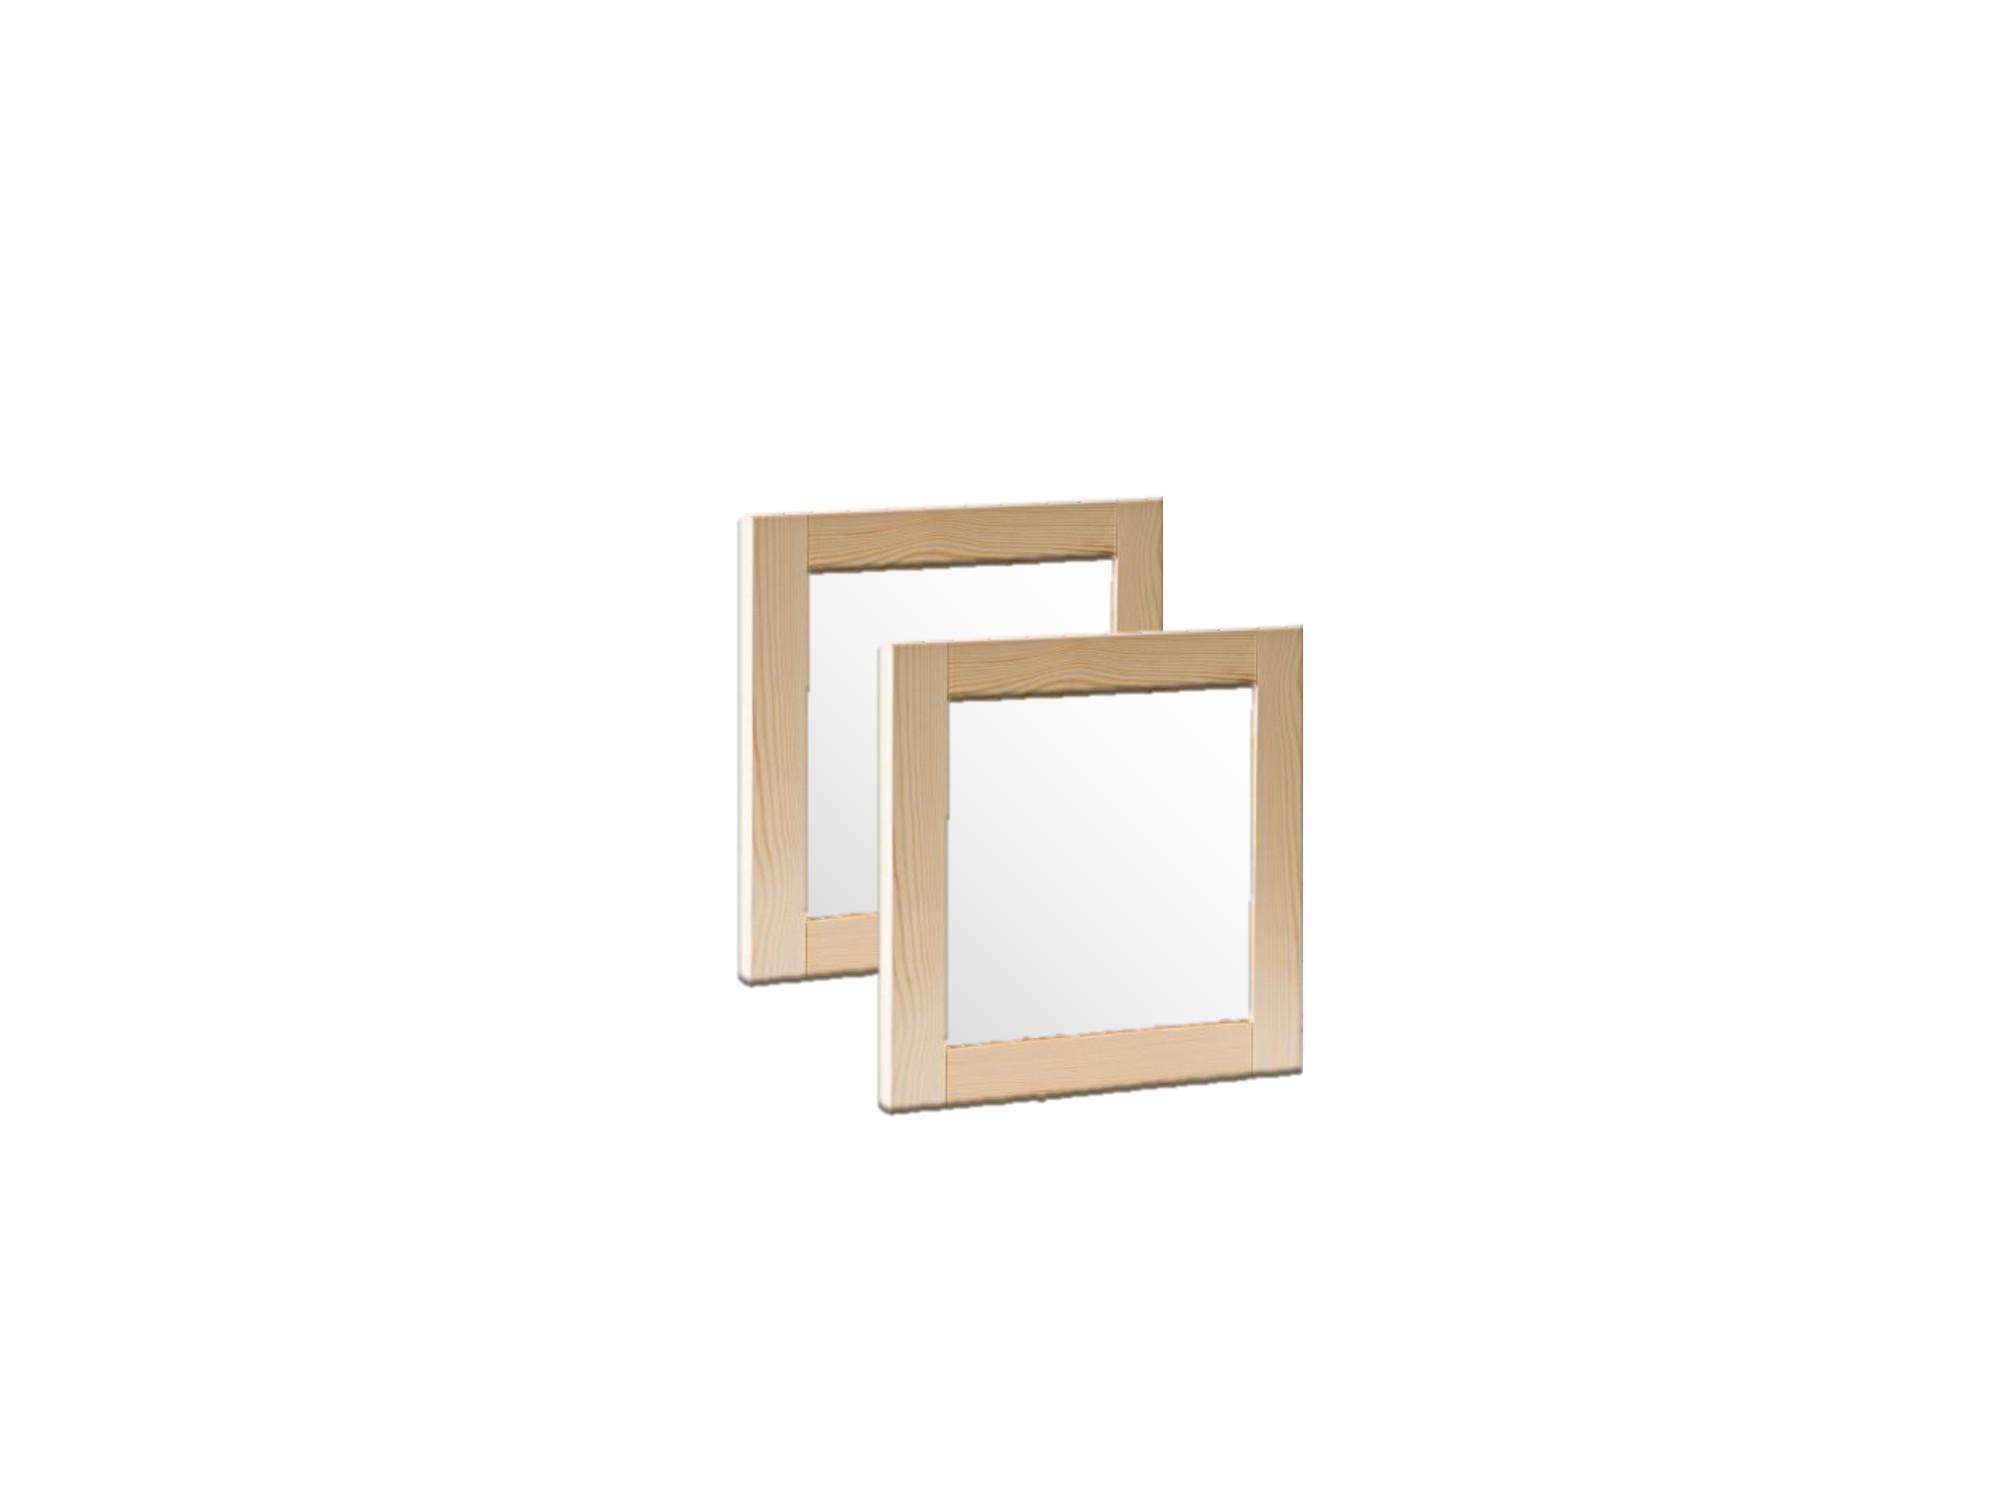 porte cadre en bois massif et panneau vitre depoli 100 cm